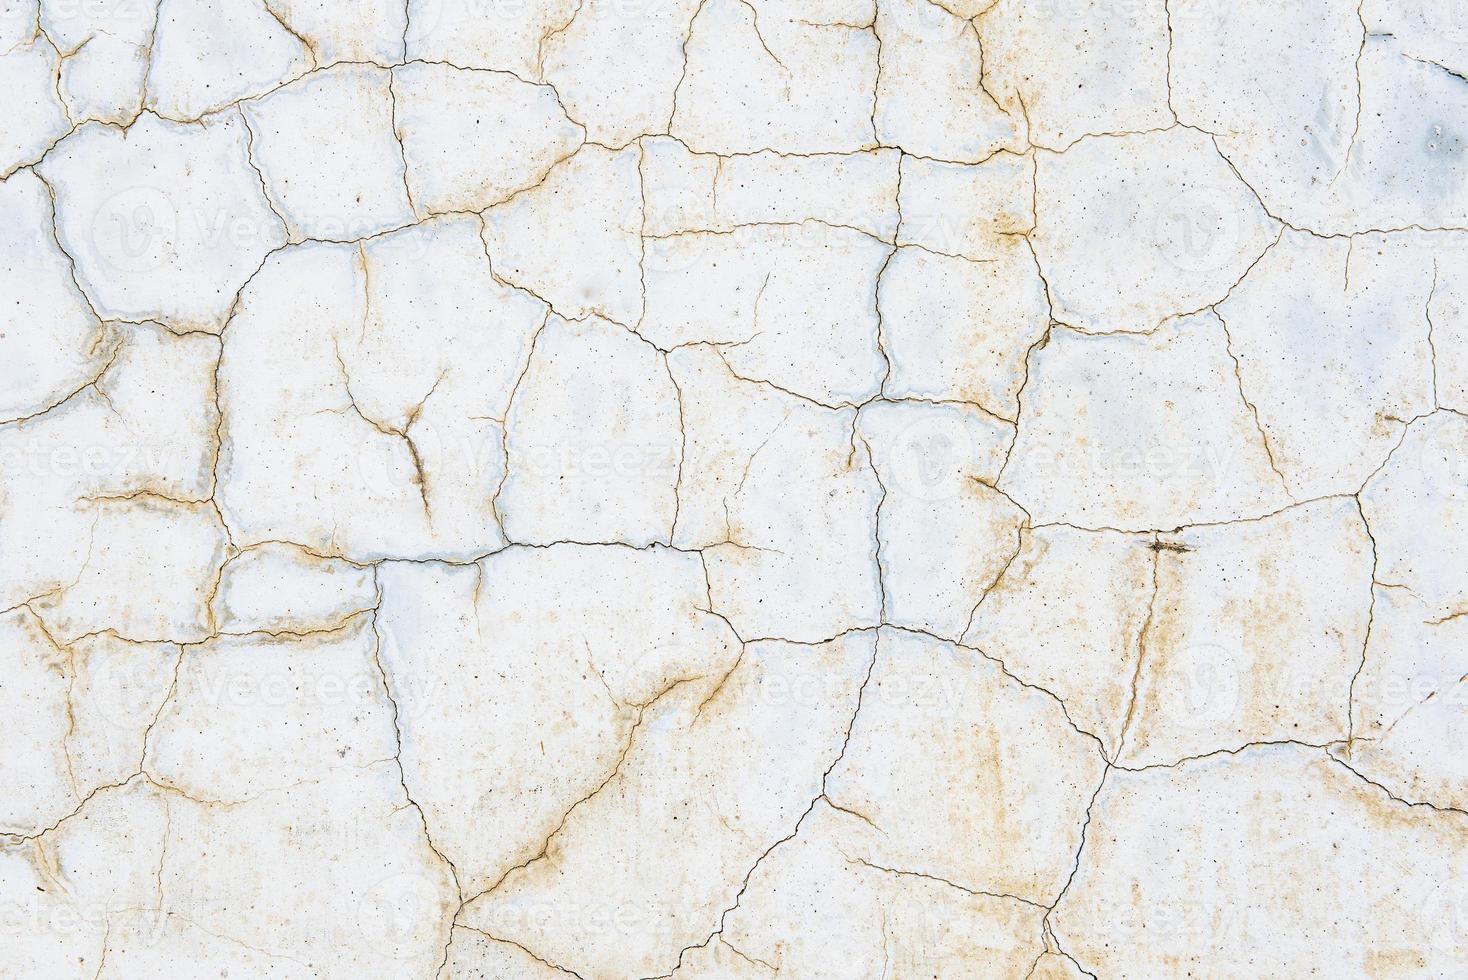 terre fissurée photo